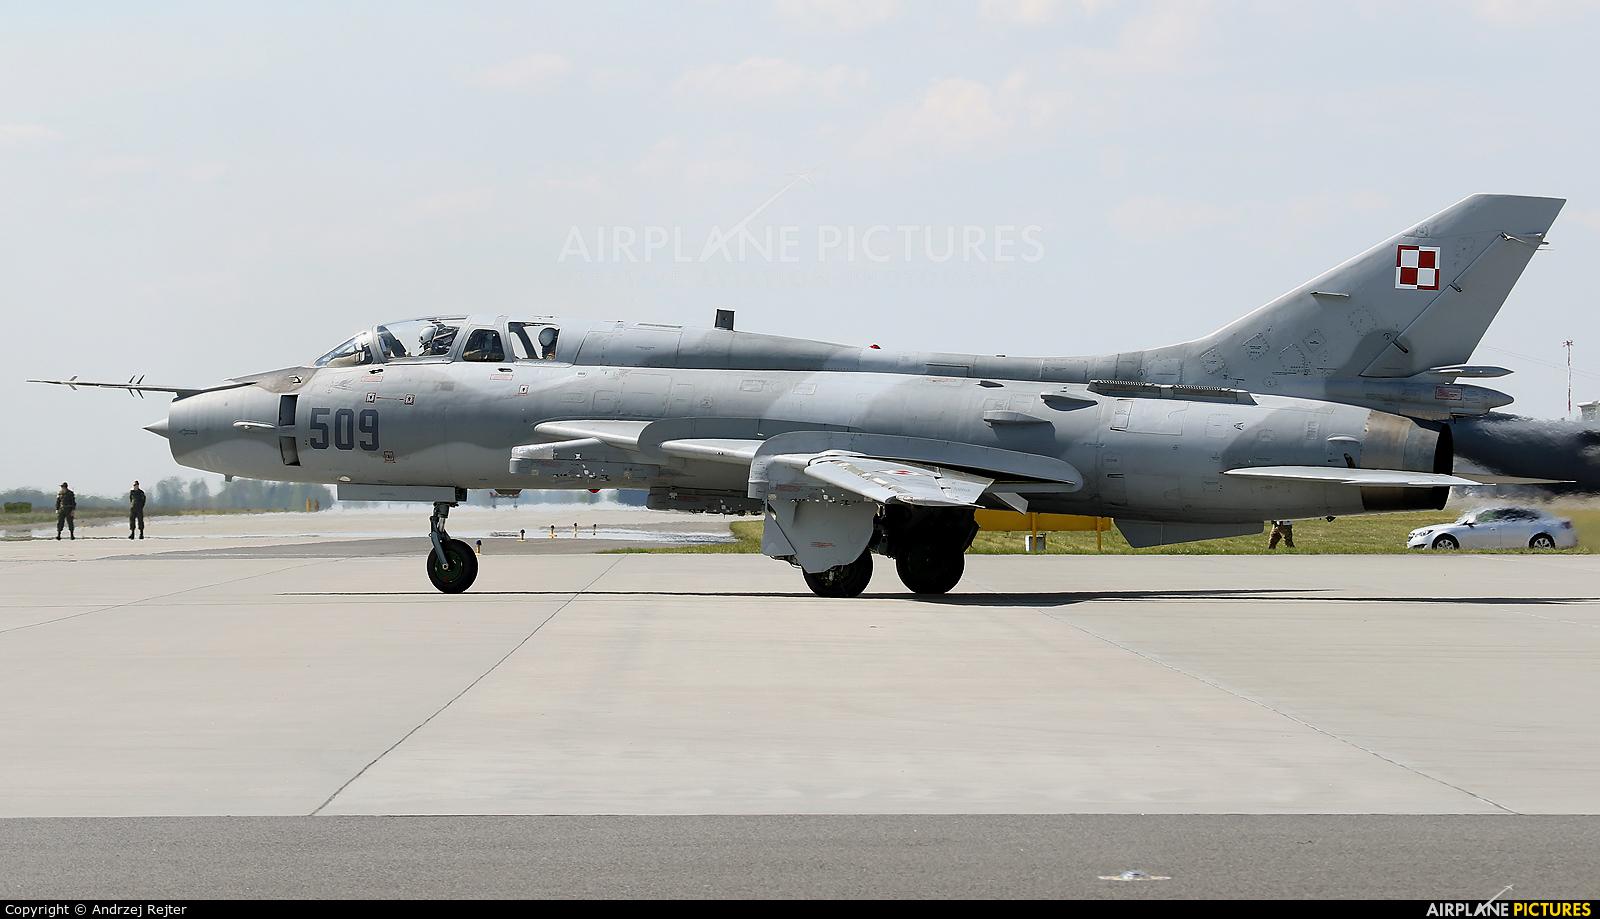 Poland - Air Force 509 aircraft at Powidz